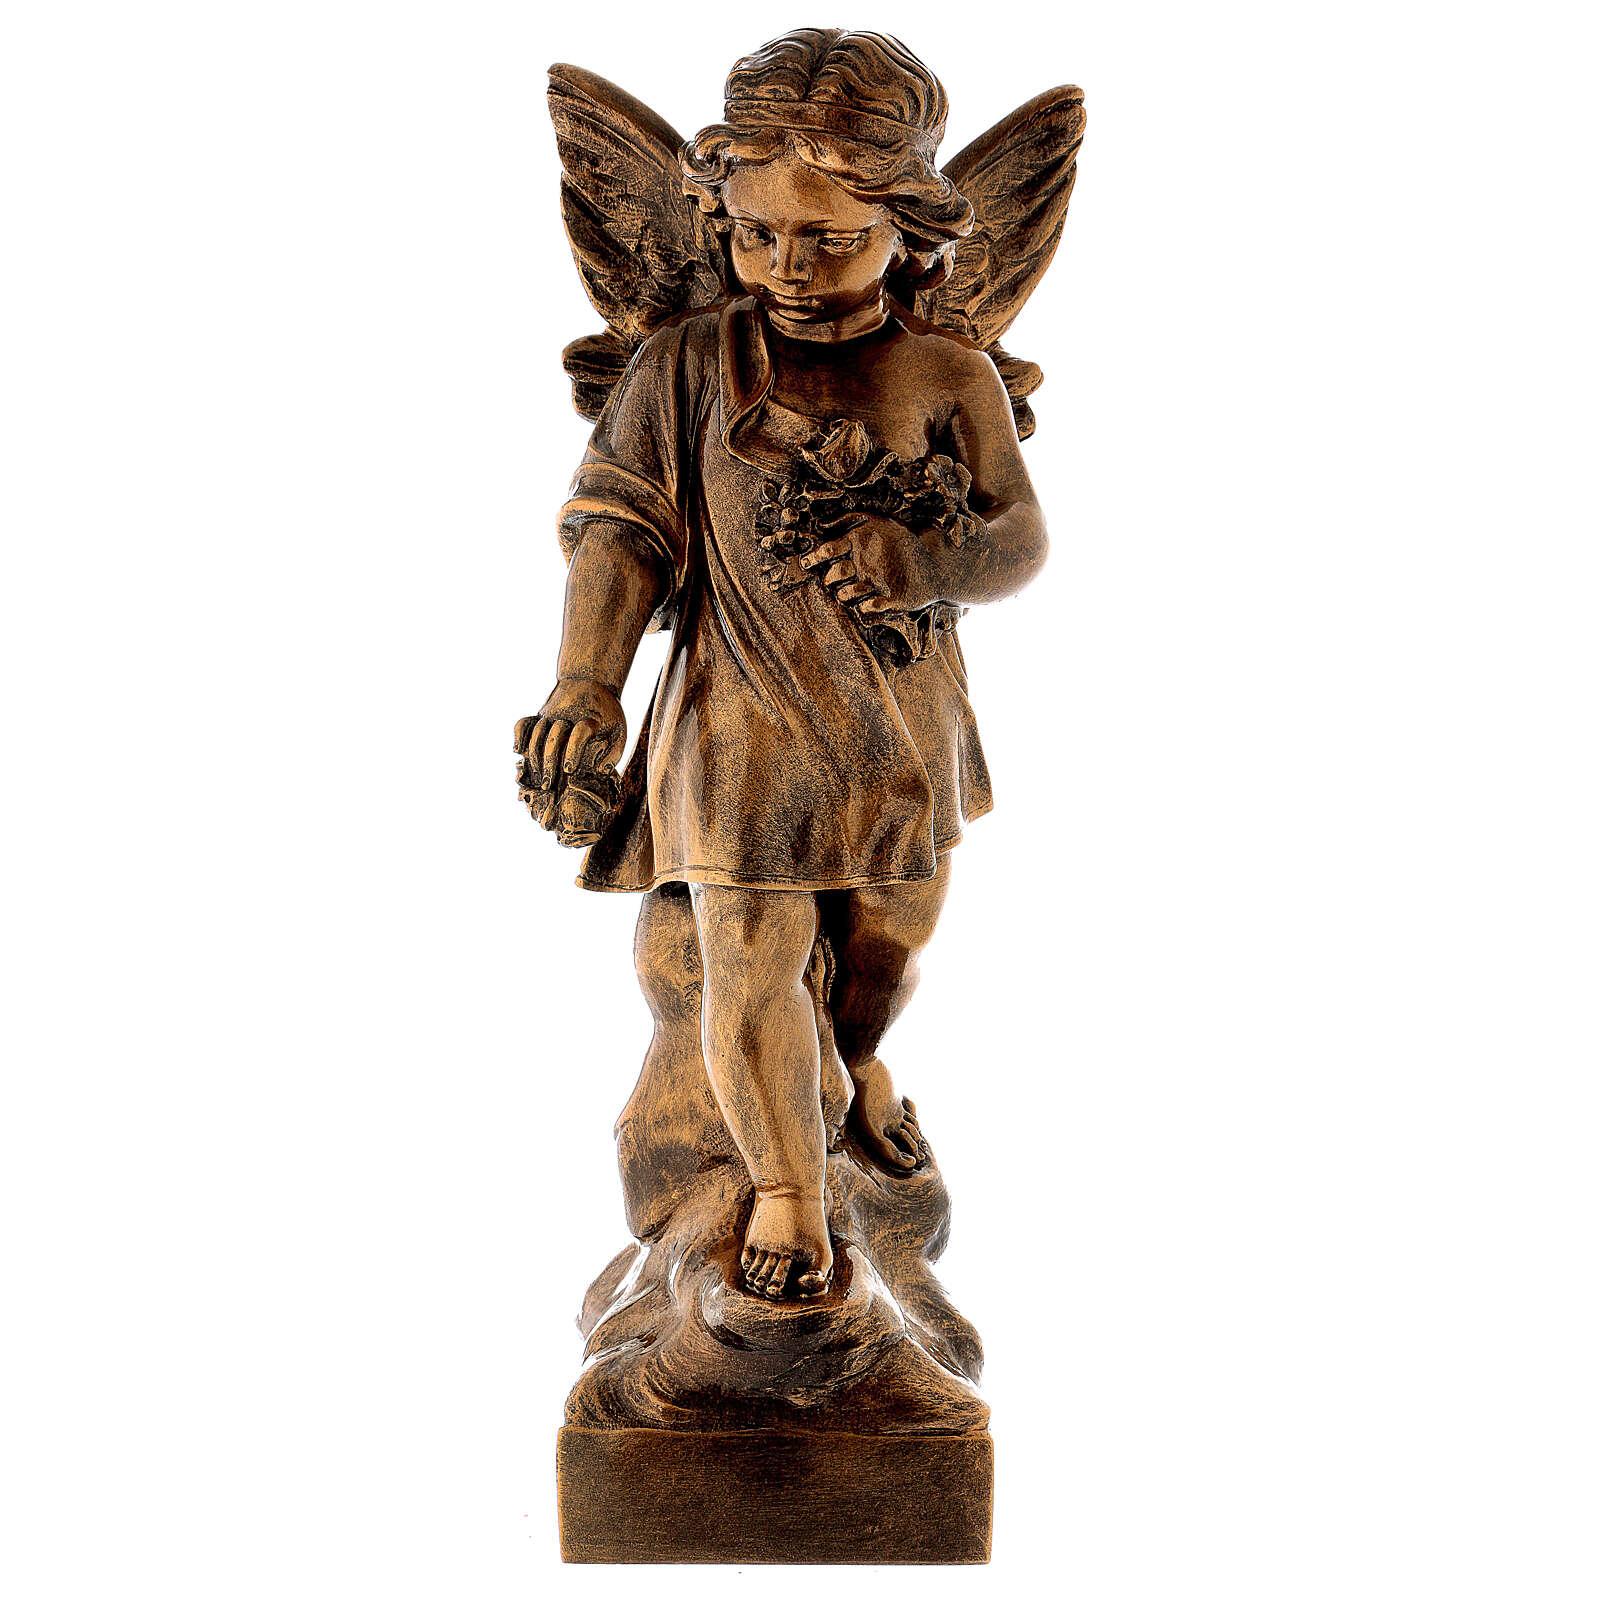 Angelo gettafiori 60 cm polvere marmo bronzata PER ESTERNO 4